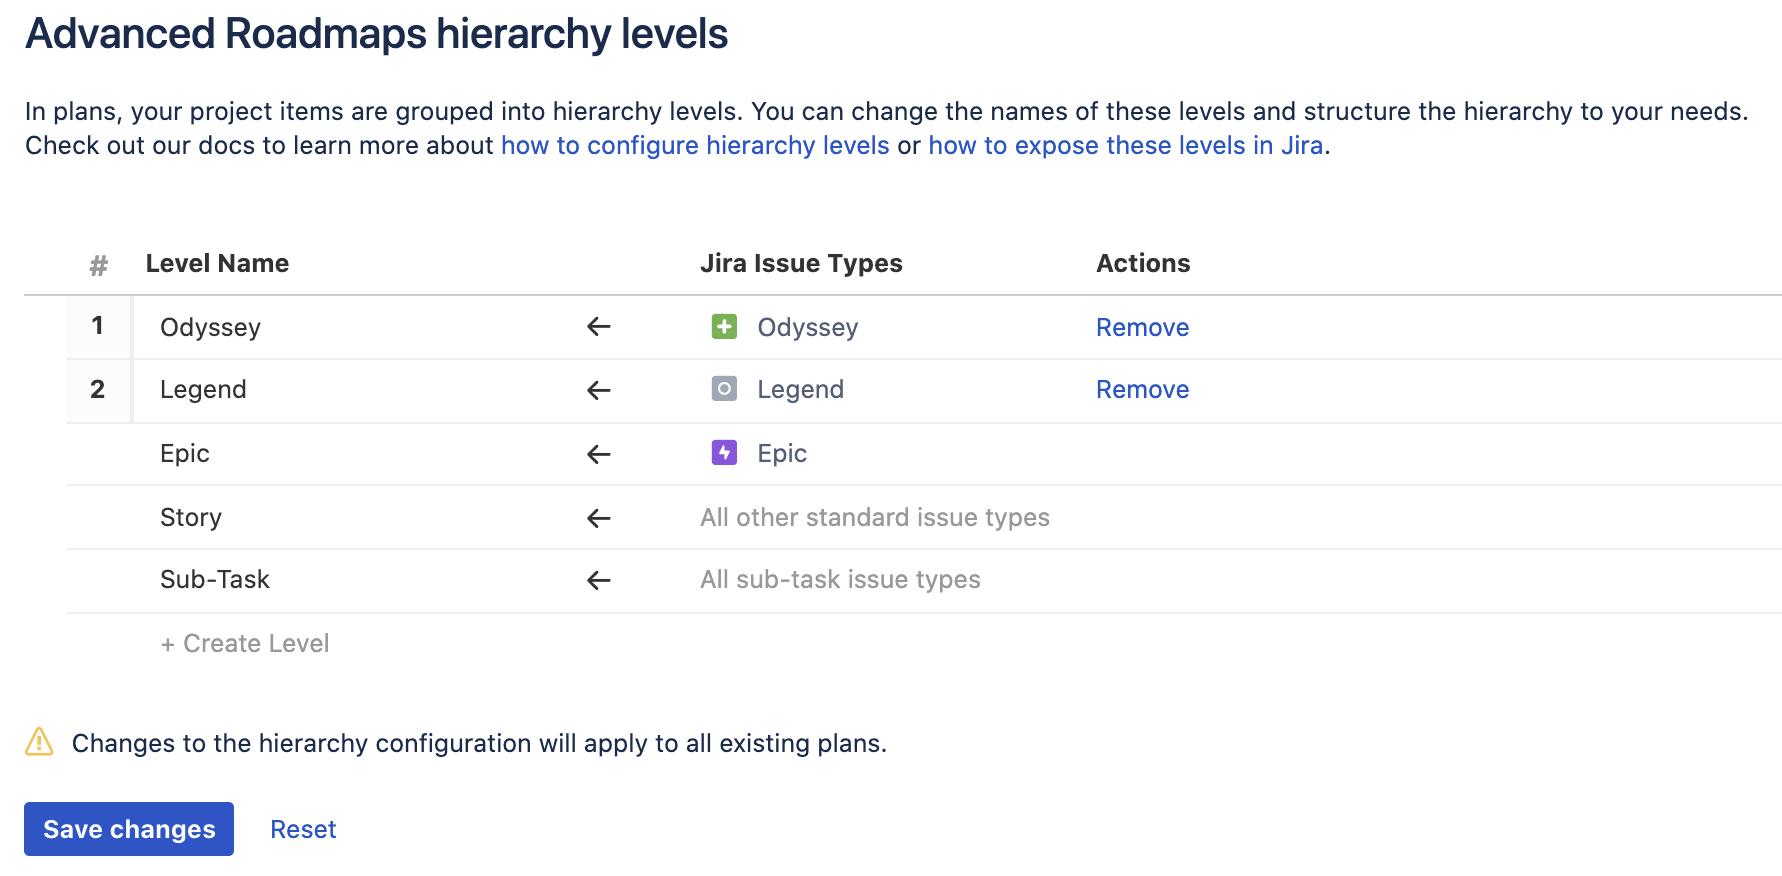 Настройка уровней иерархии в Advanced Roadmaps